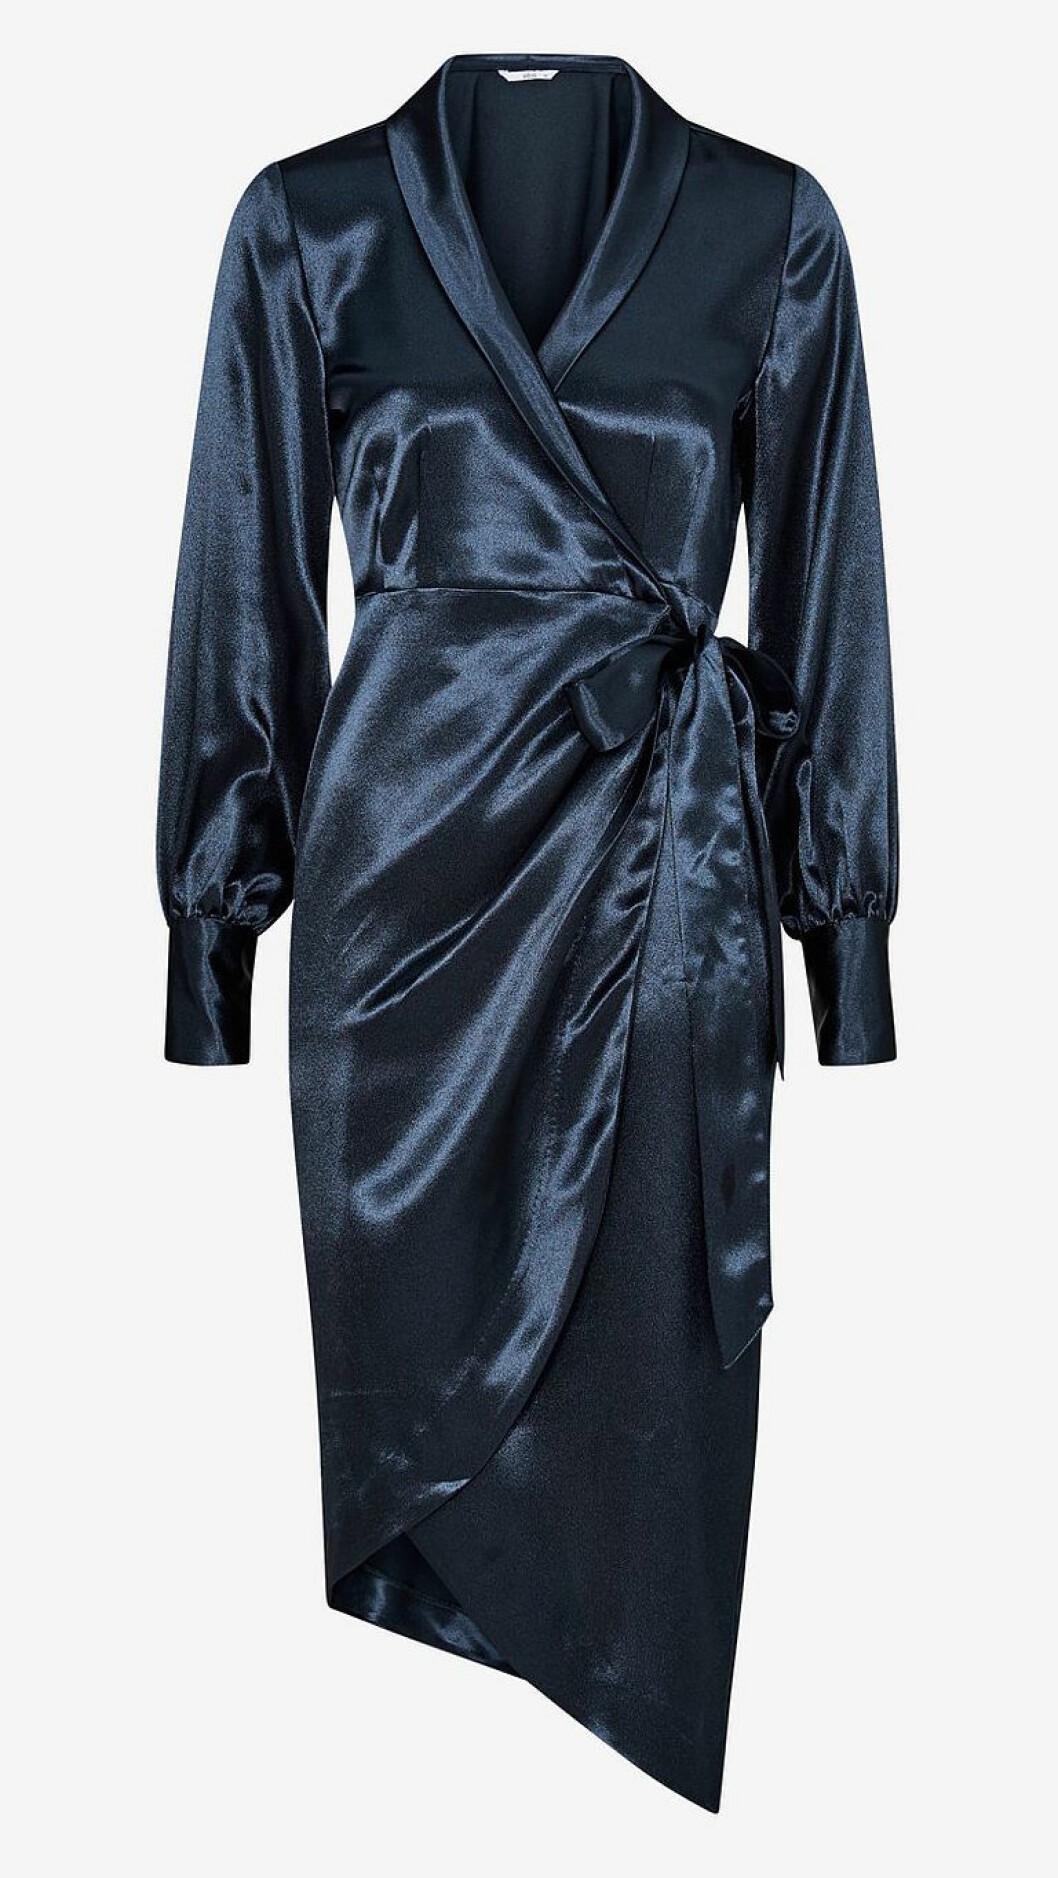 Blå klänning till nyårsafton